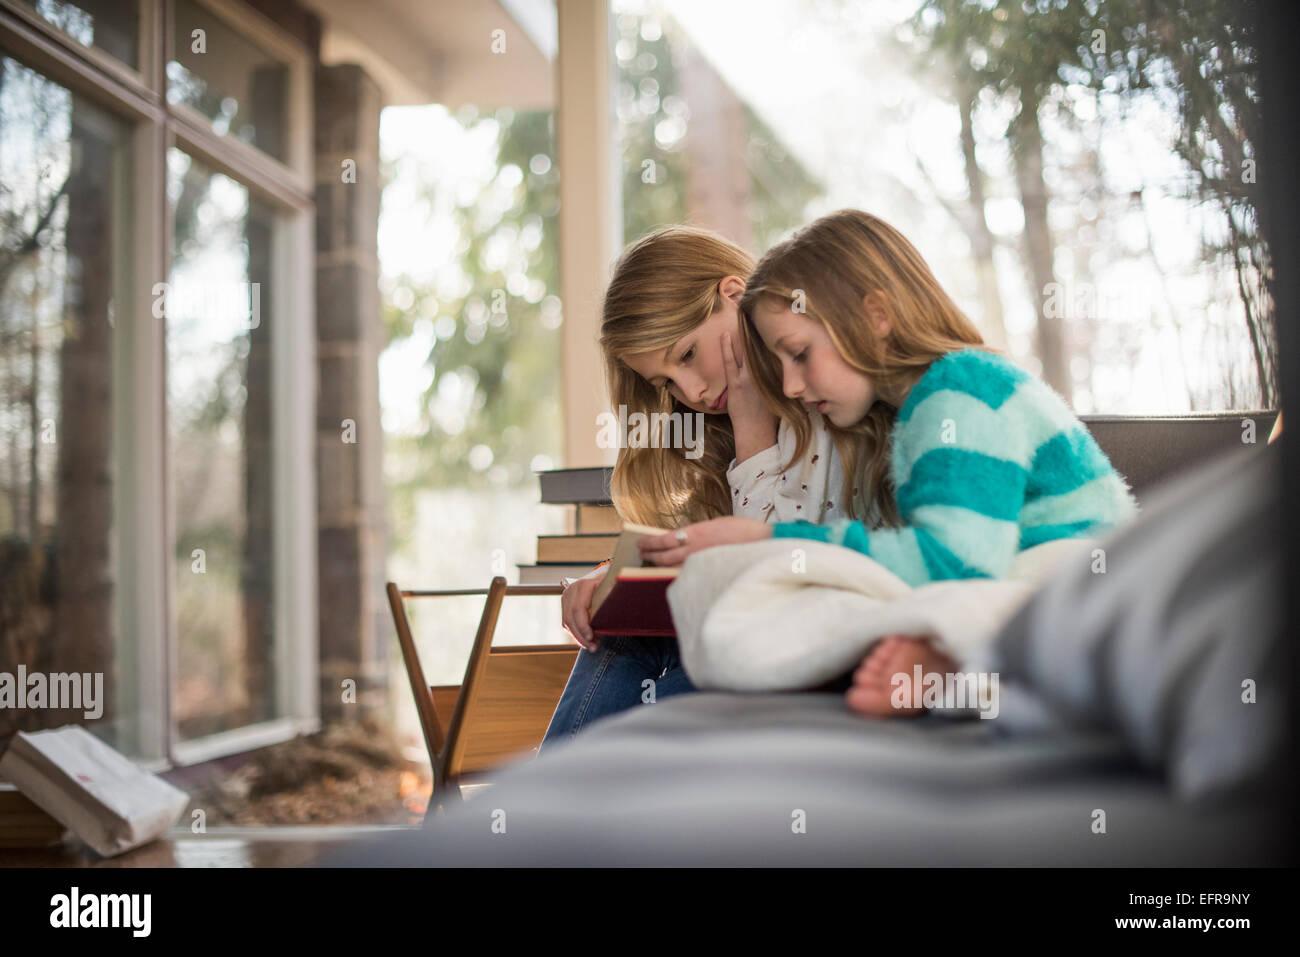 Dos niñas sentados en un sofá, leyendo un libro. Imagen De Stock